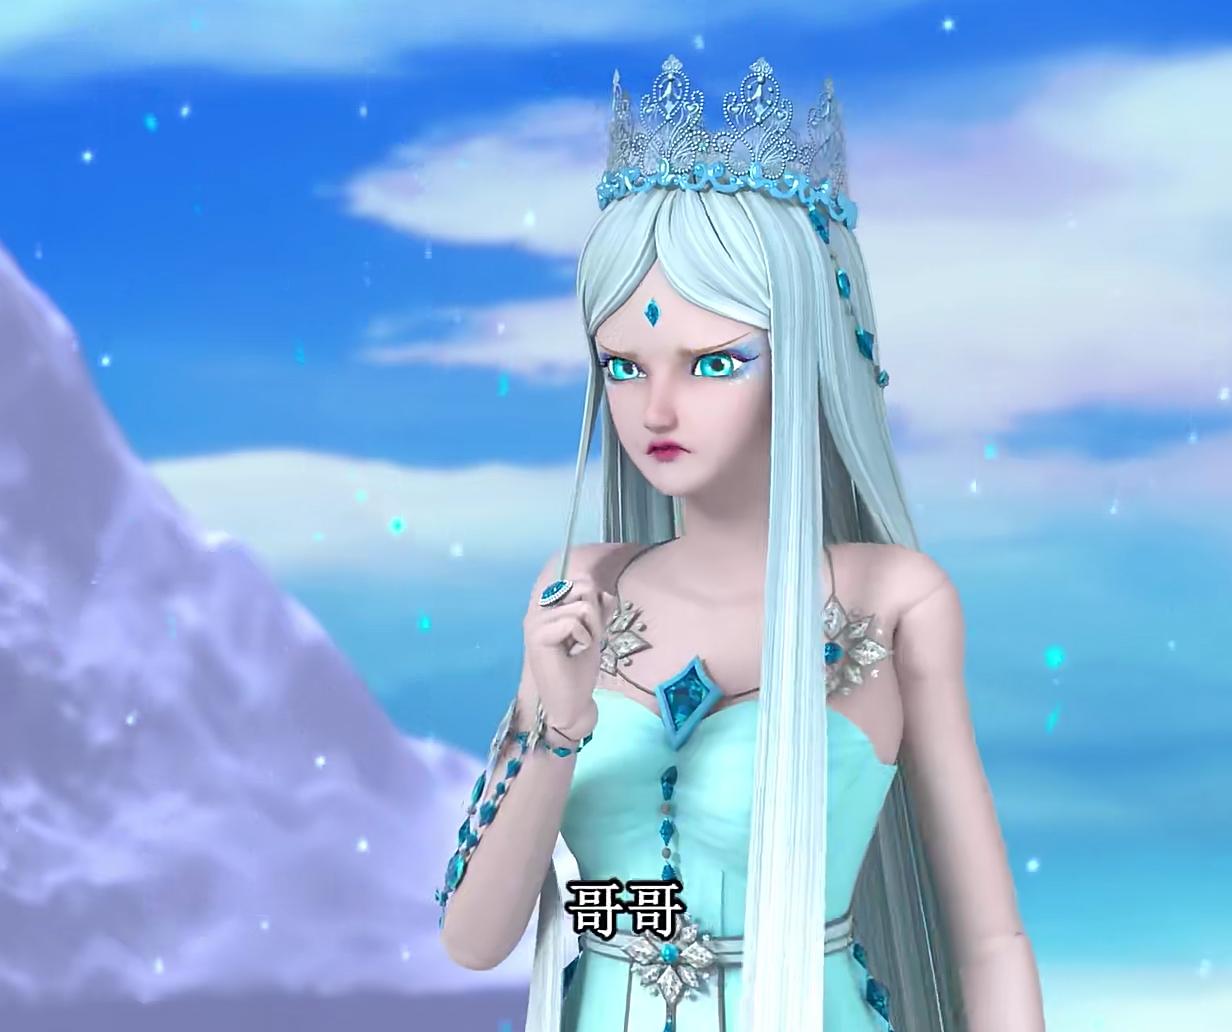 叶罗丽第七季:冰公主受伤了!水王子抱着冰公主,放弃了图片